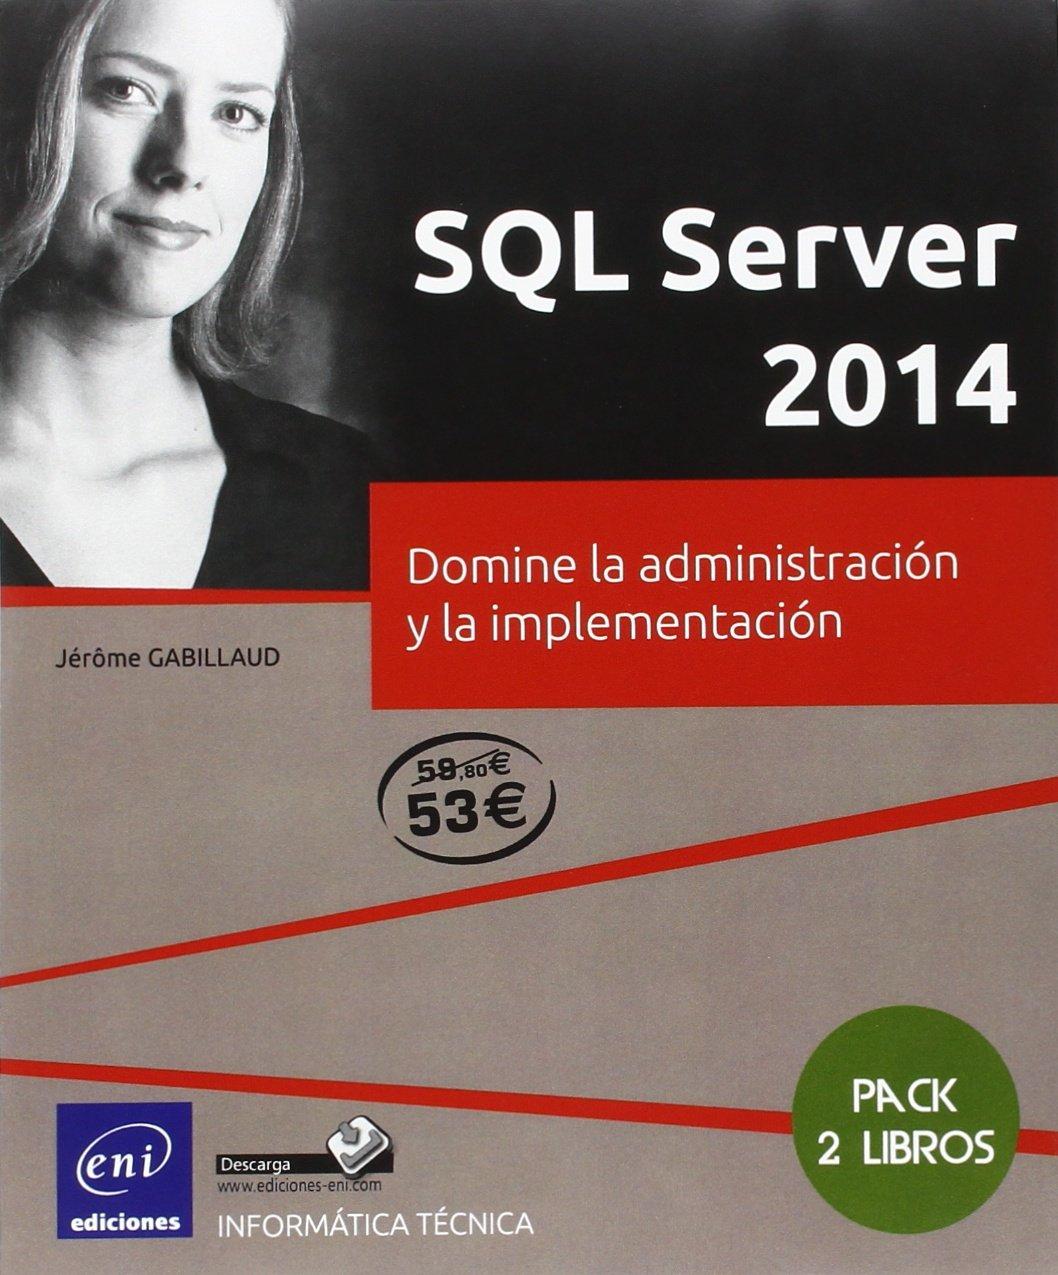 Pack 2 Libros: SQL Server 2014. Domine La Administración Y La Implementación: Amazon.es: Jérôme Gabillaud: Libros